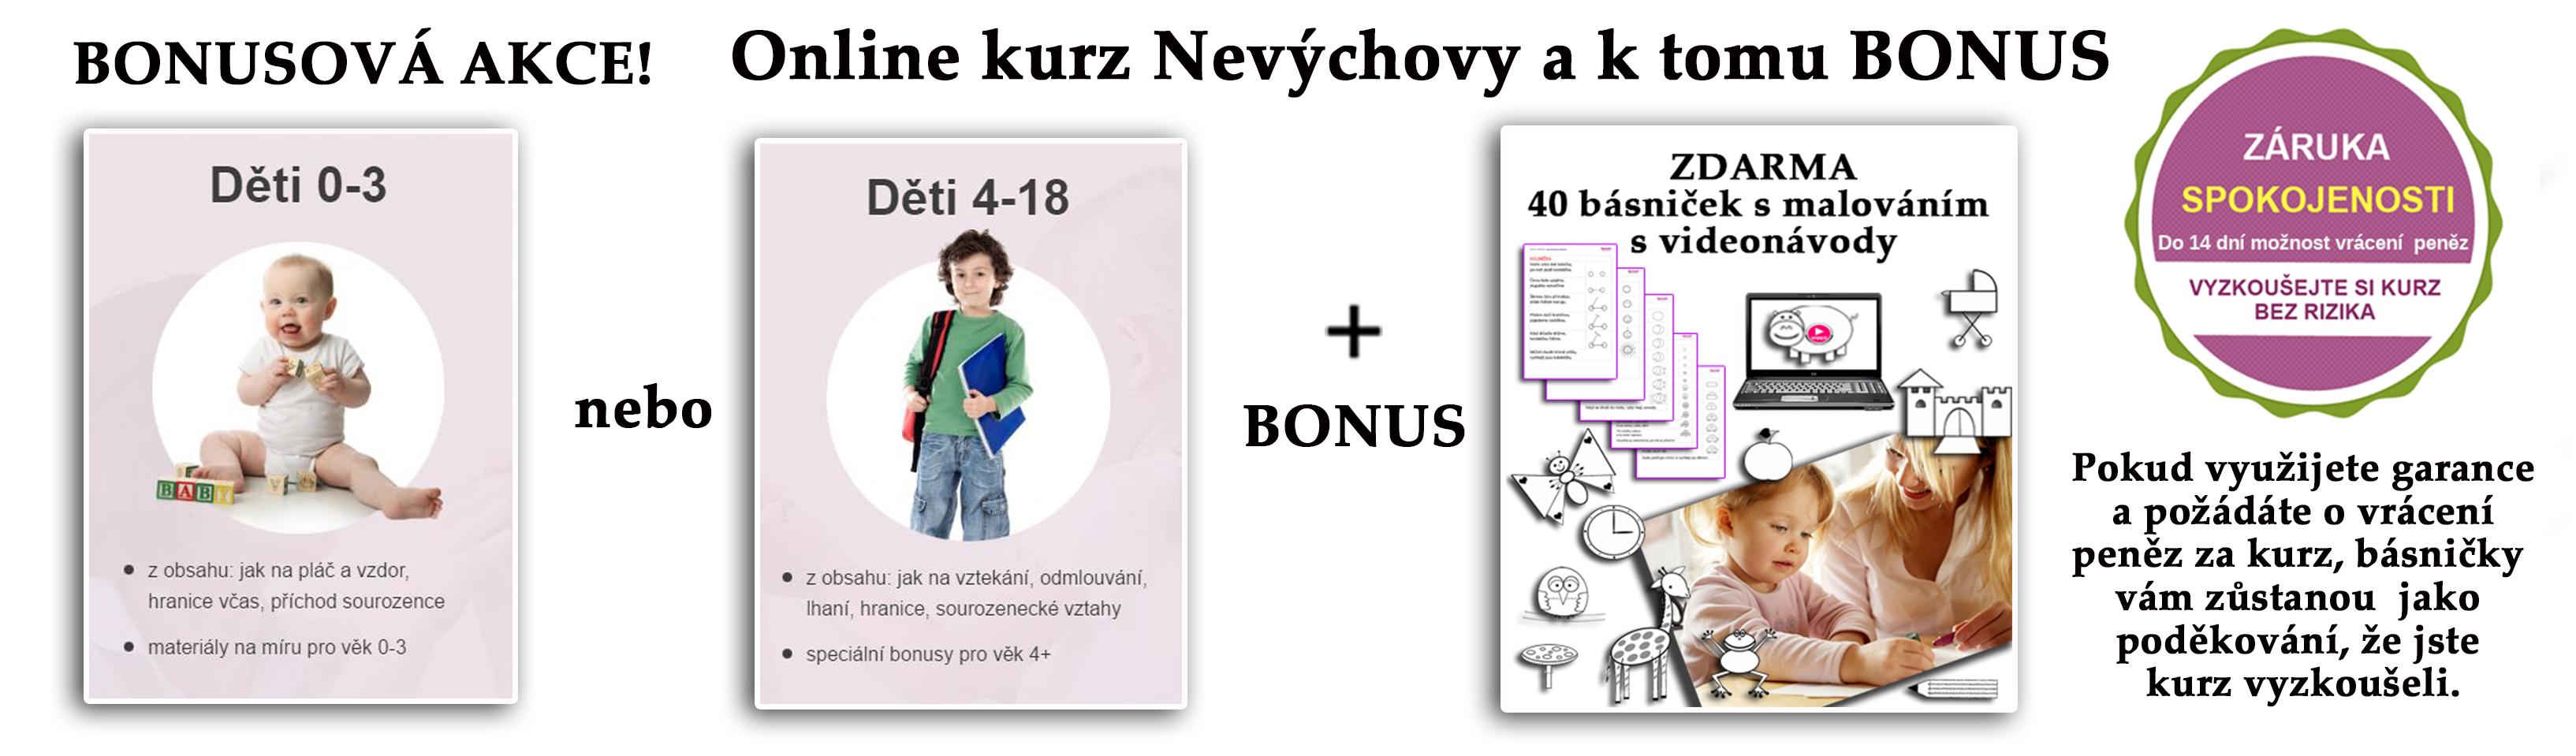 MsB jako bonus ke kurzu NV široký